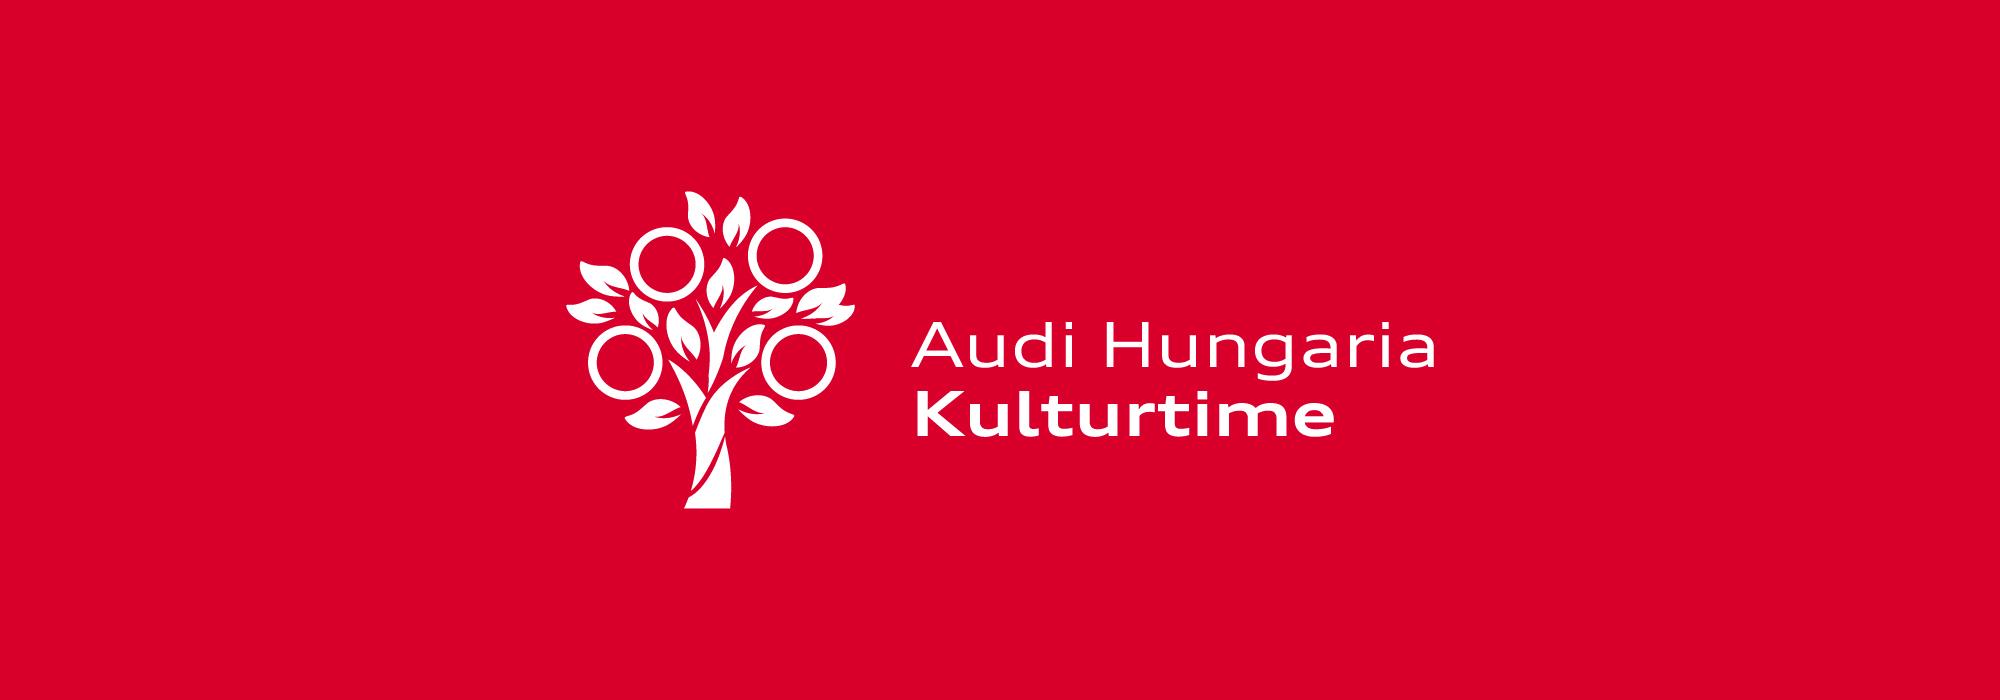 AUDI Kulturtime rendezvényarculat